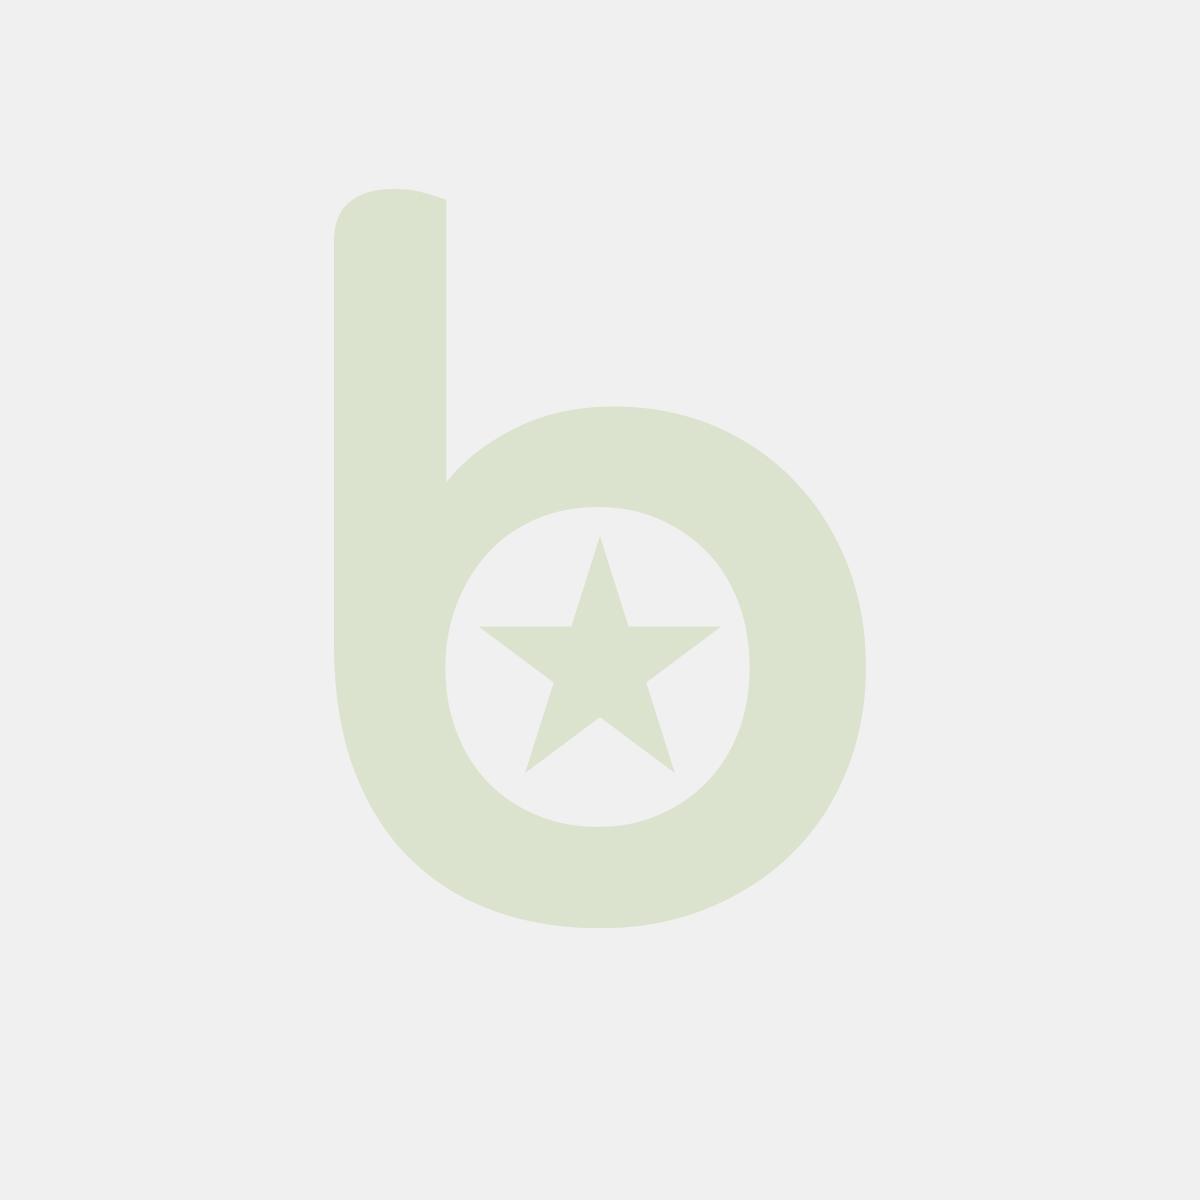 Kieliszek 50ml FINGERFOOD transparentna, PS, 25 szt. w opakowaniu